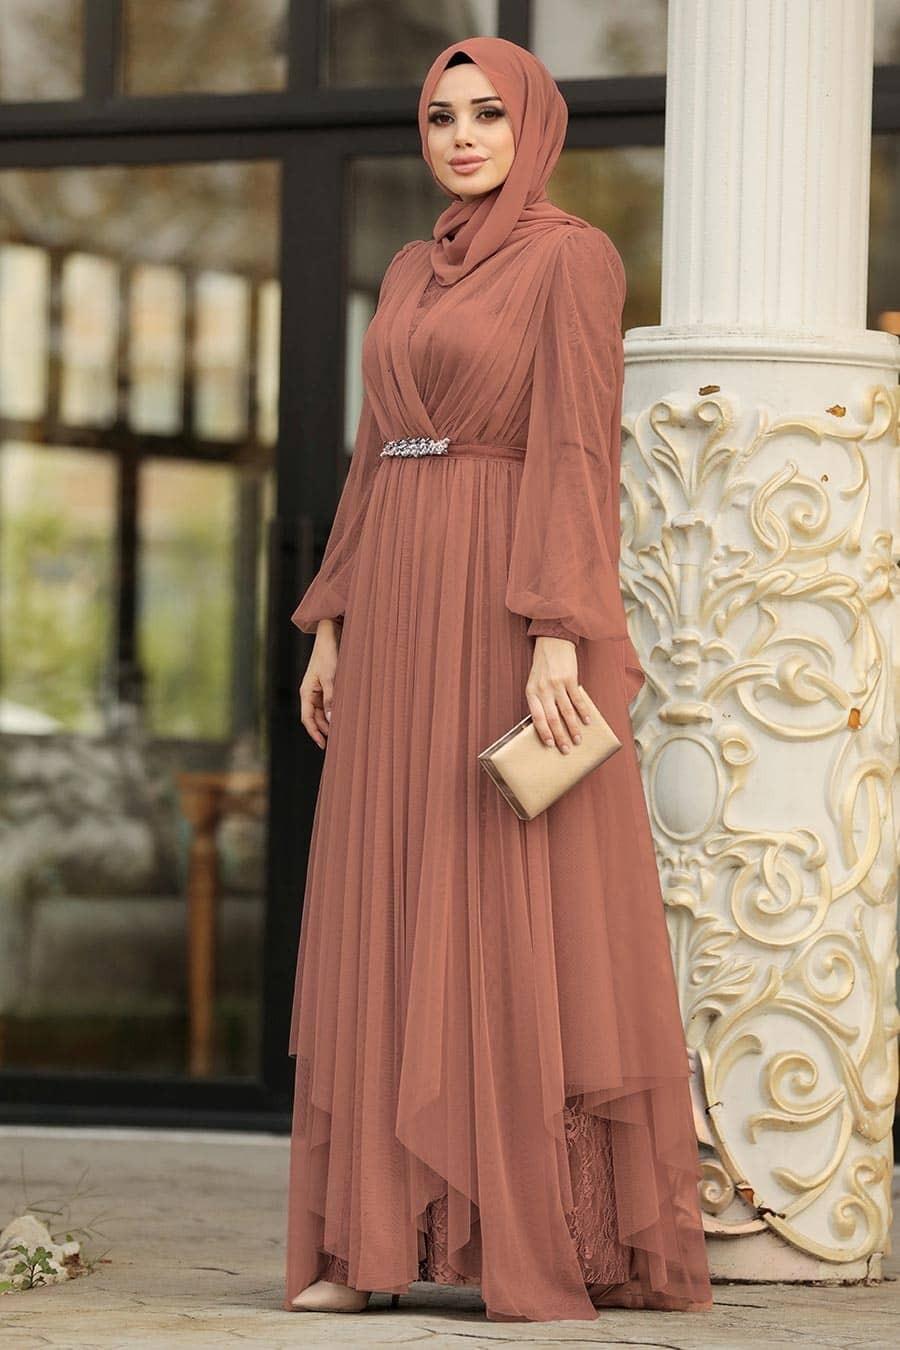 فساتين سواريه للجسم الممتلئ للمحجبات- الفساتين الواسعة